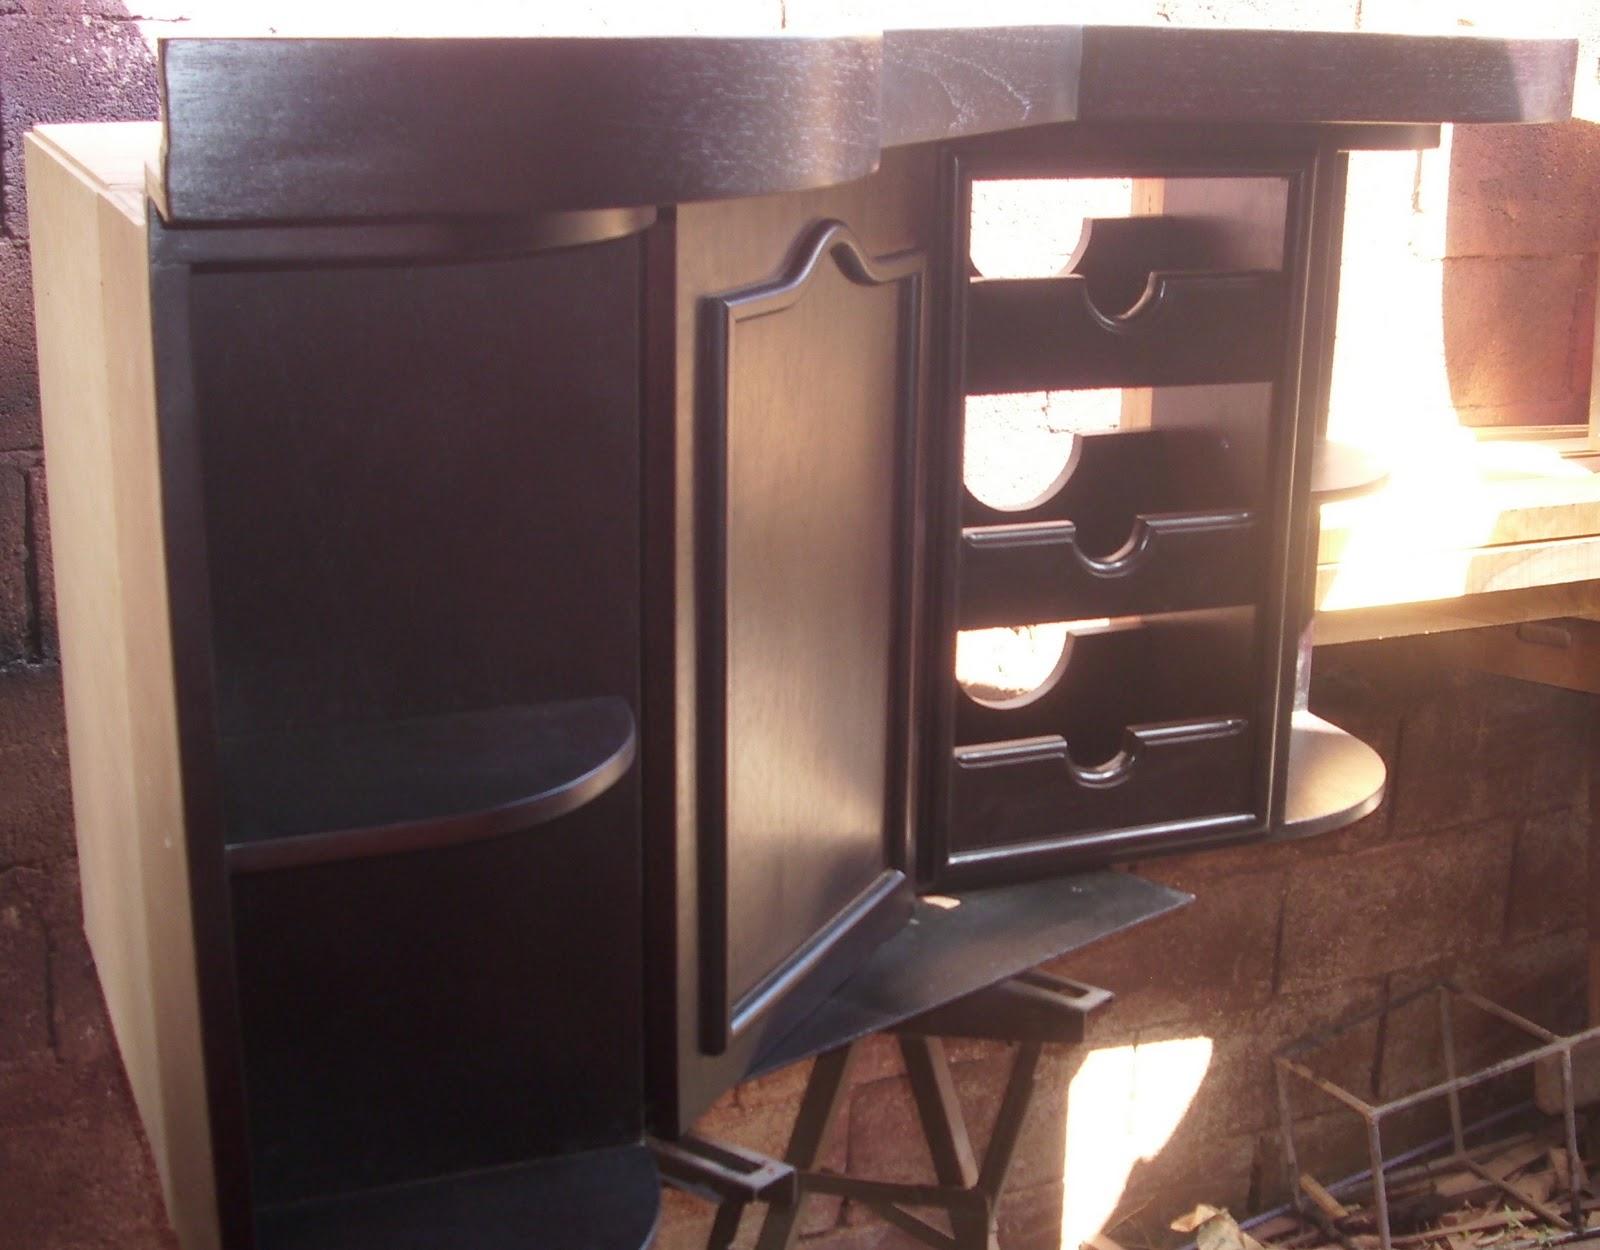 Mis trabajos en madera Muebles modulares de cocina en marron oscuro